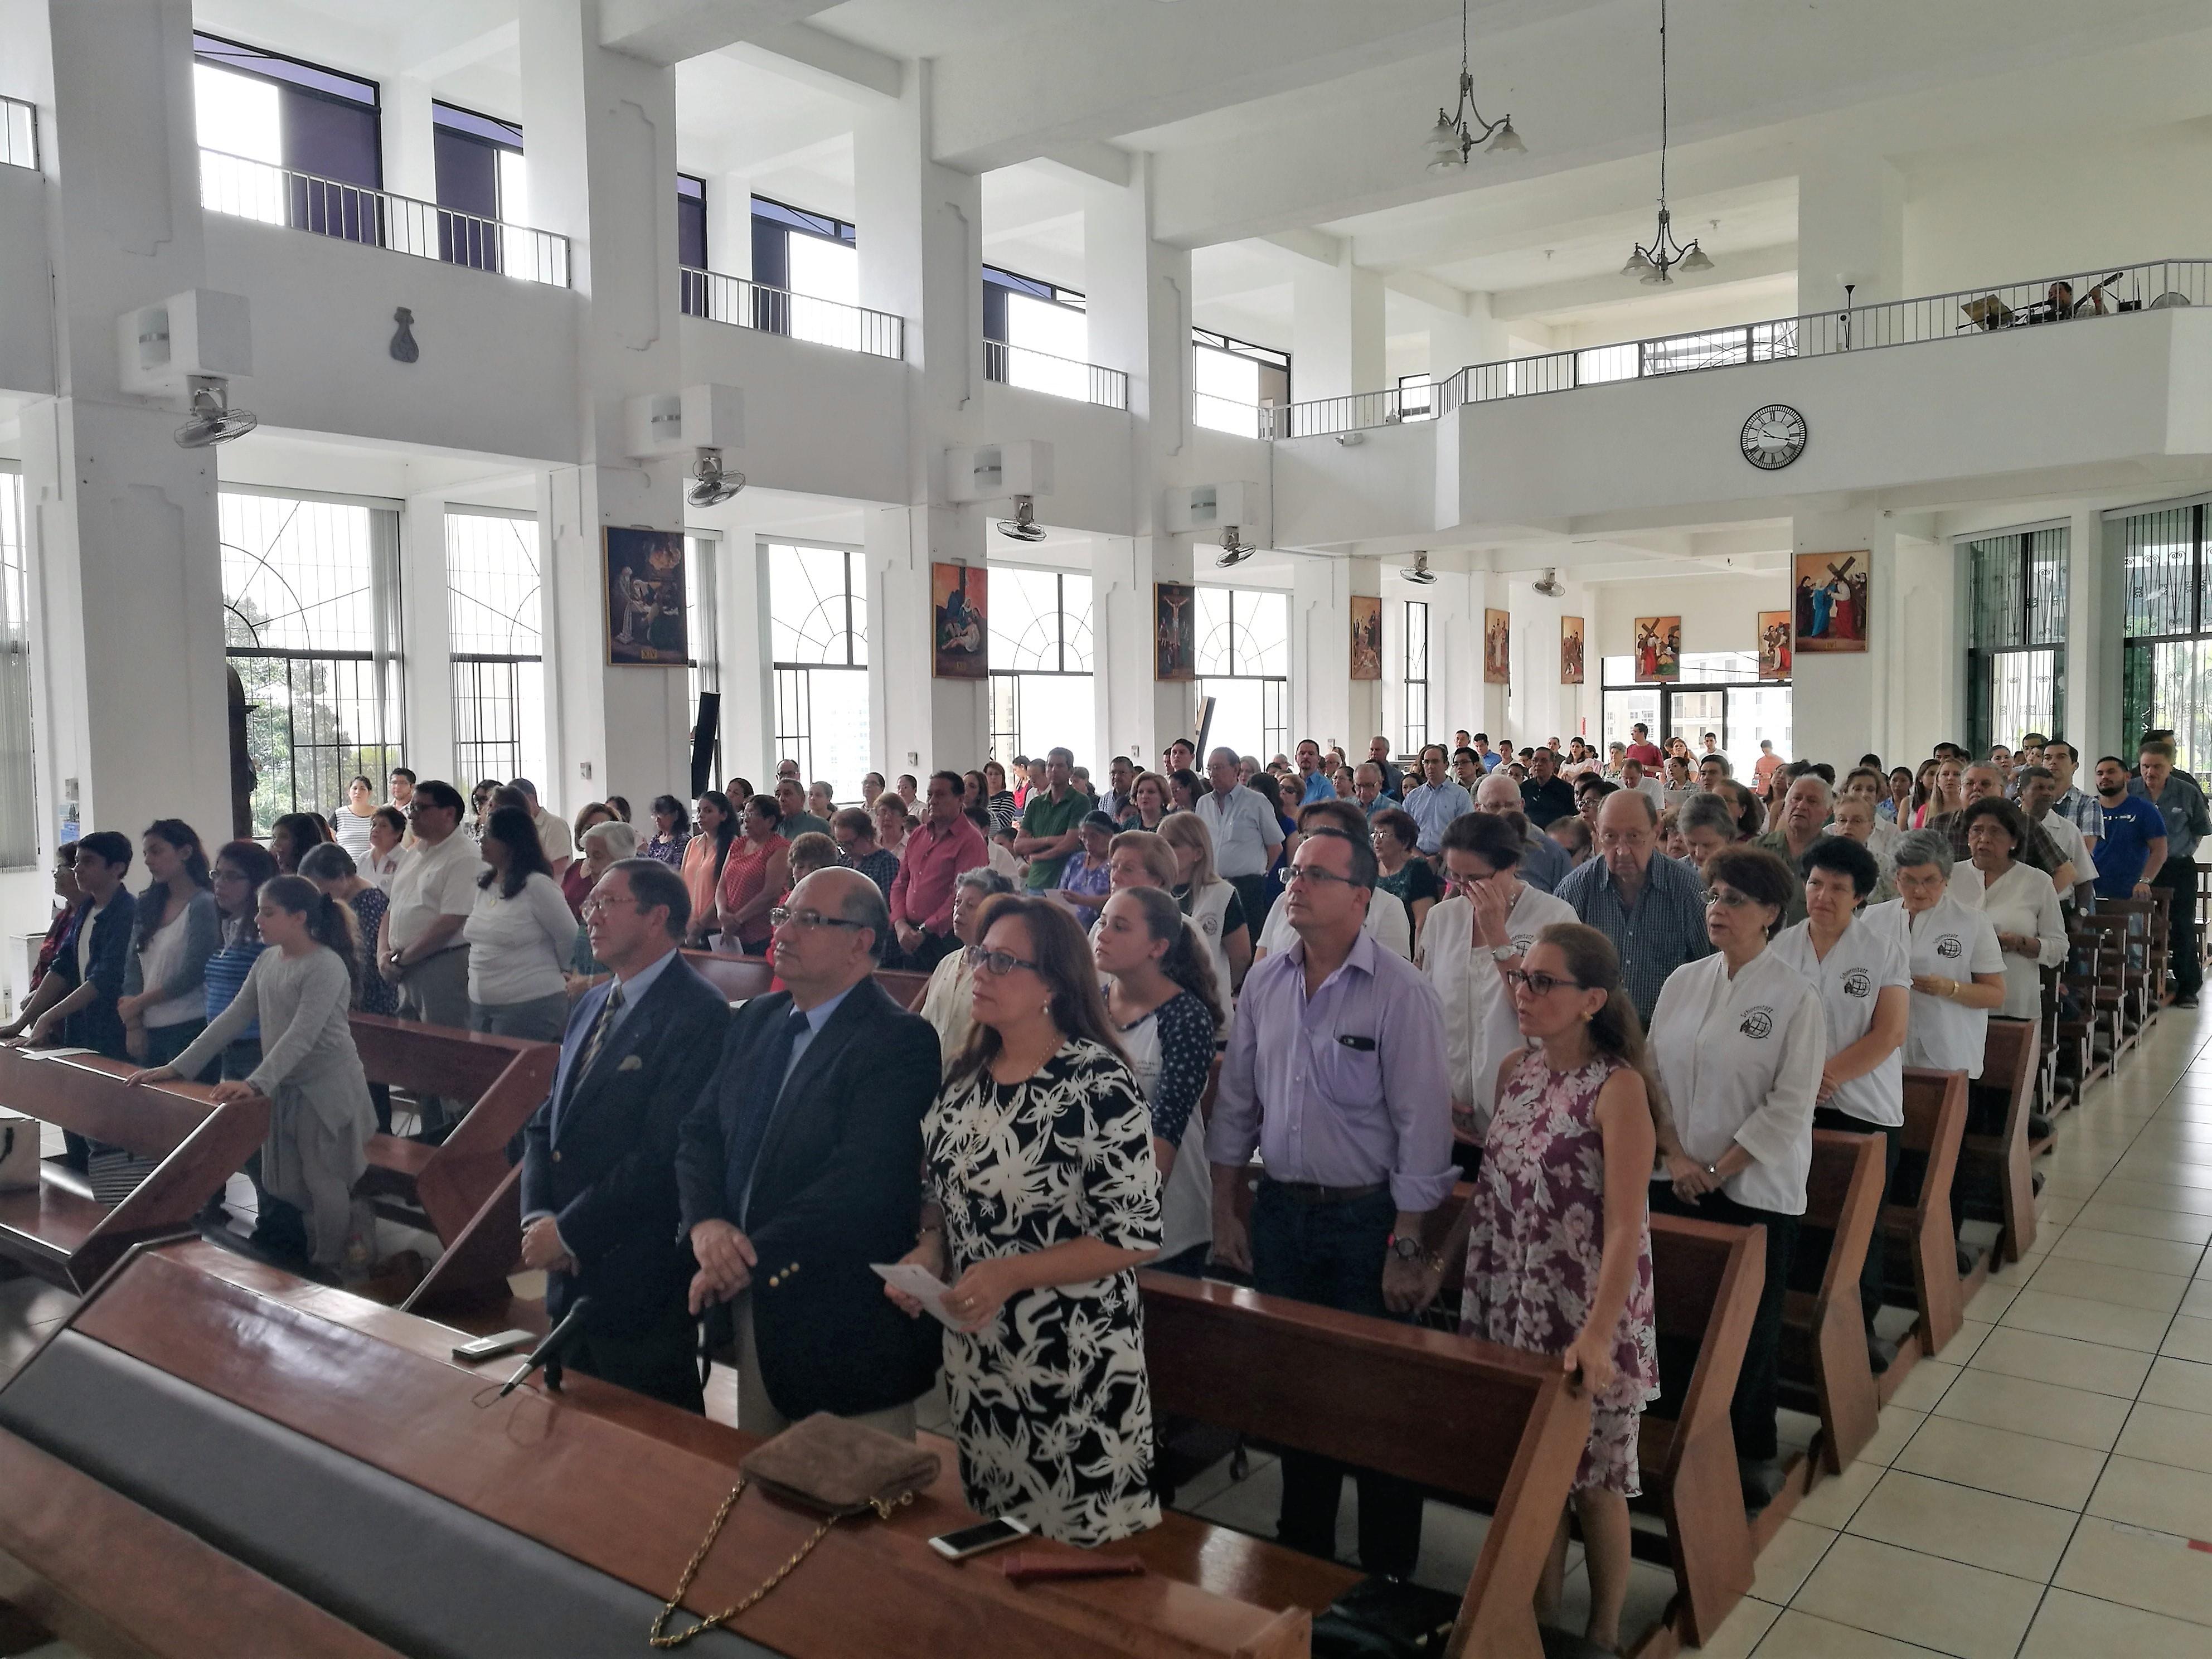 La Embajada en El Salvador ofreció una misa con motivo de la visita del Papa Francisco a Colombia